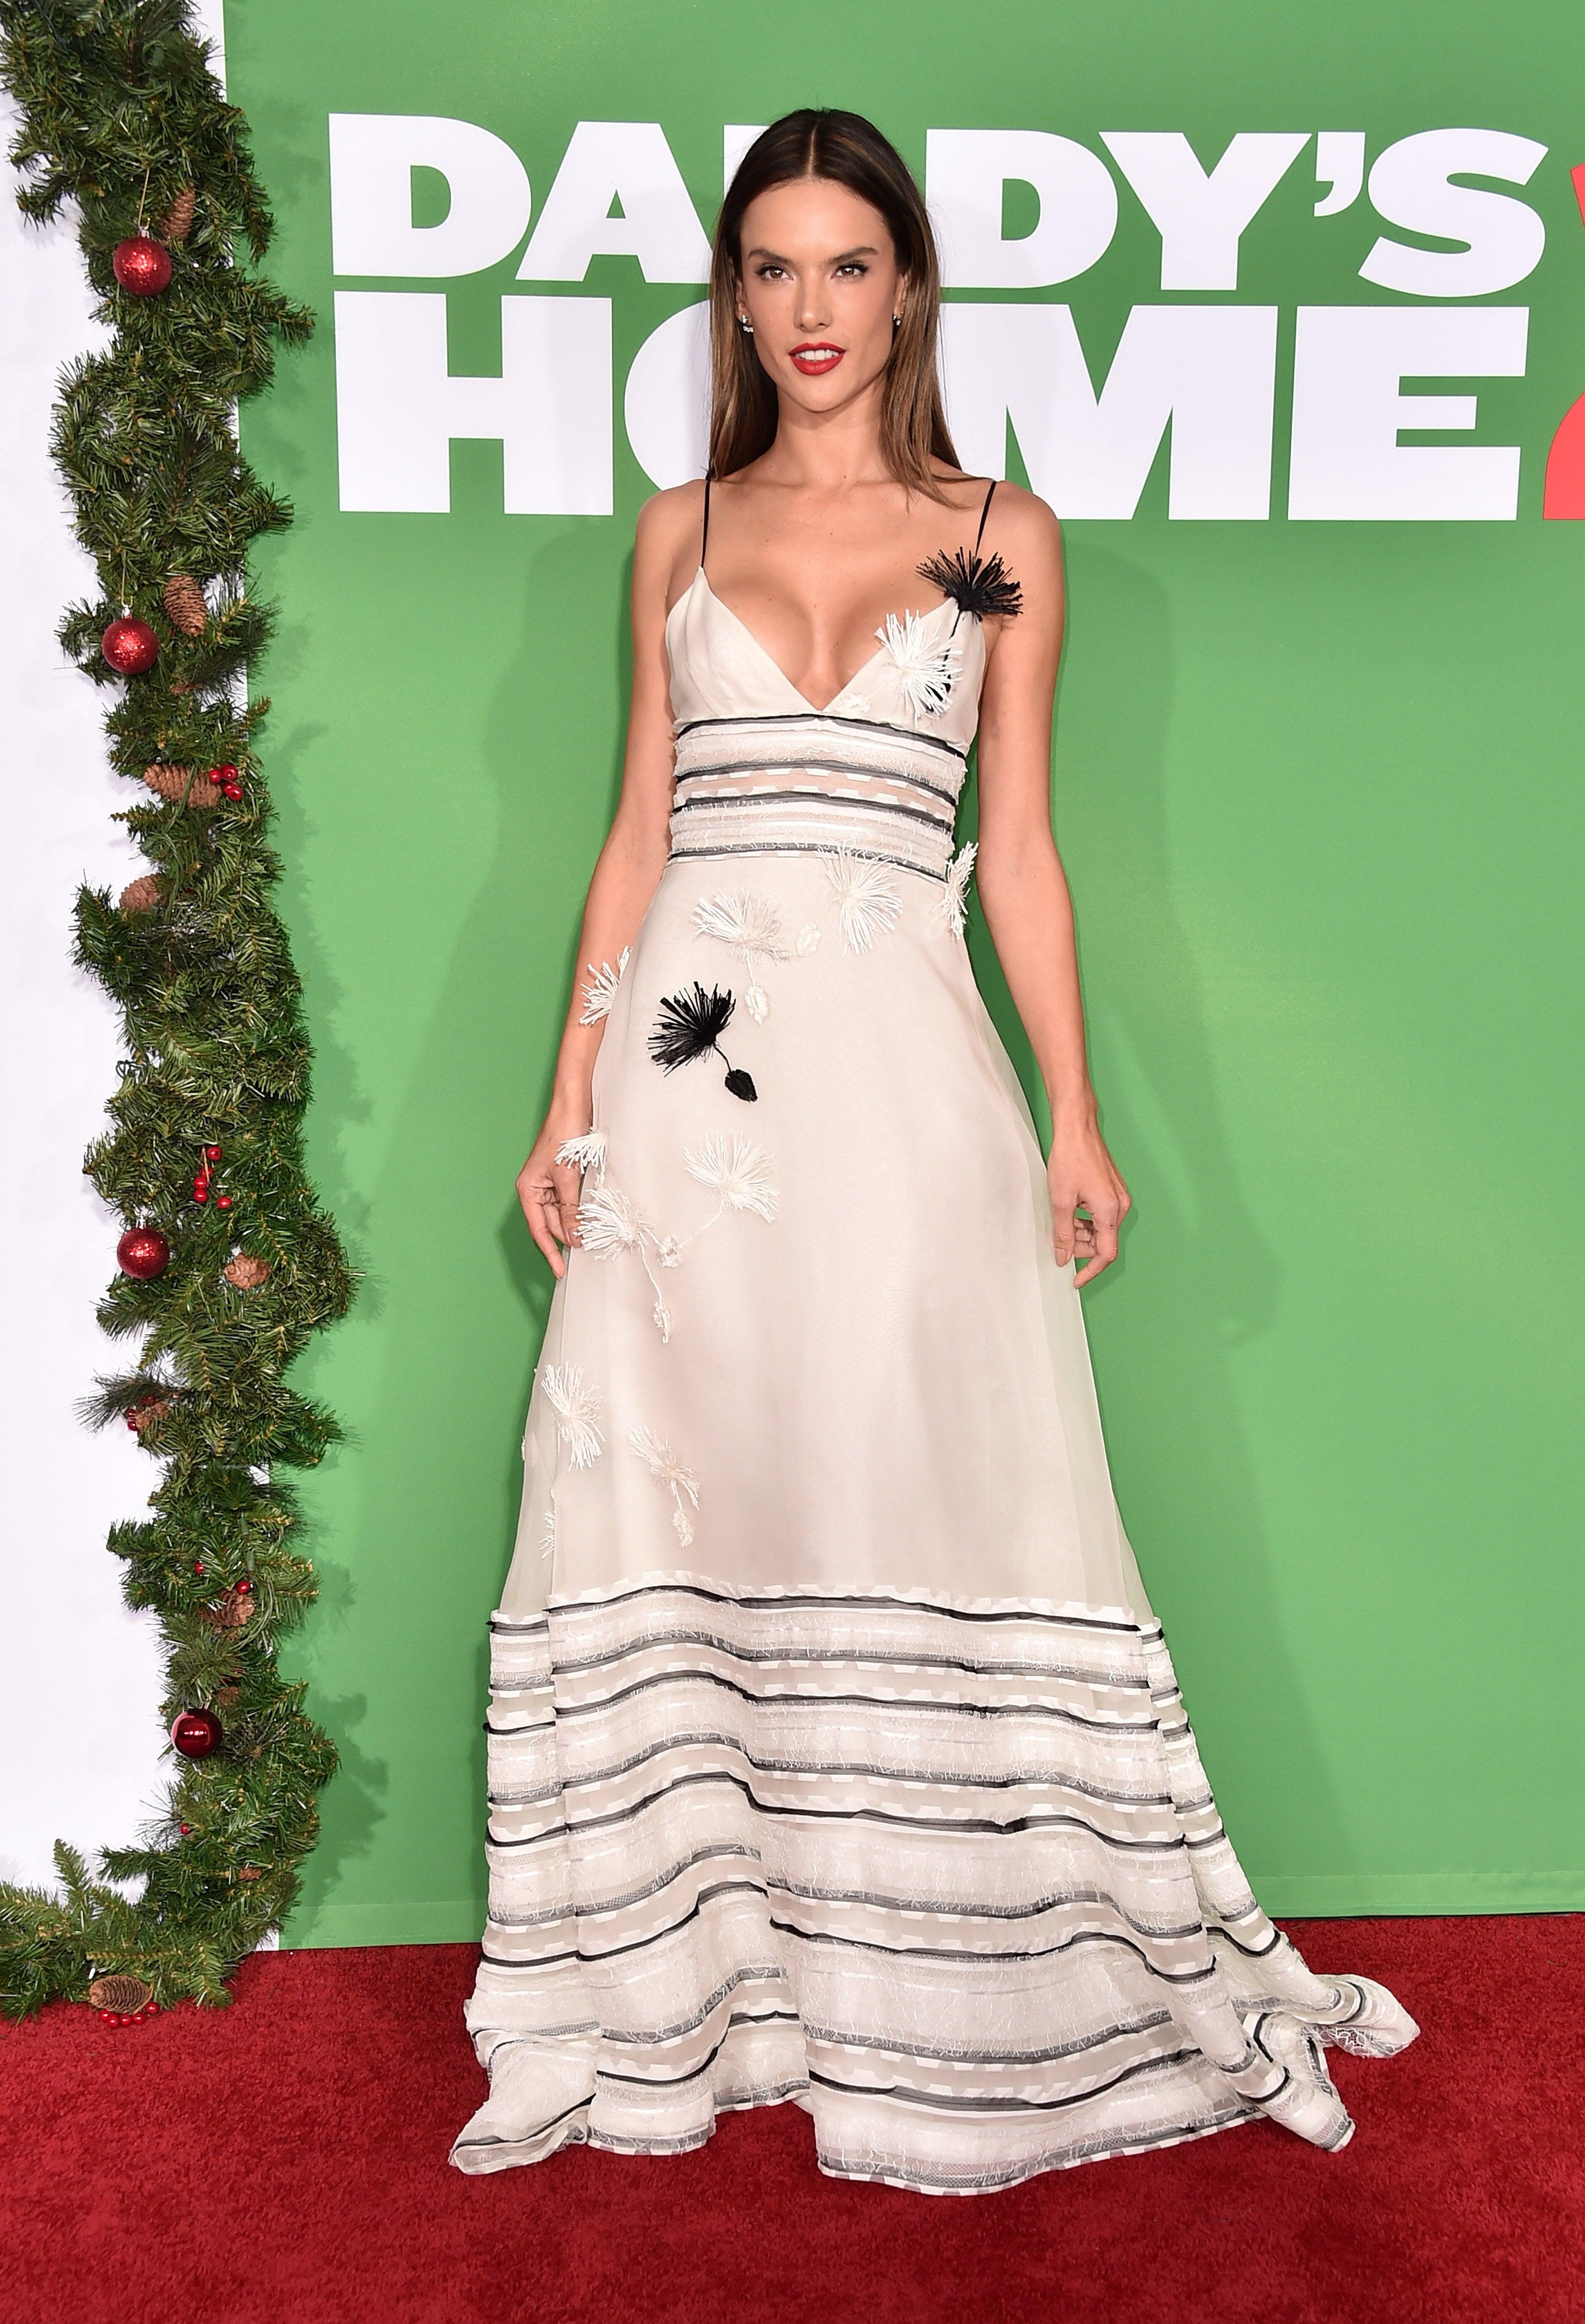 Alessandra Ambrosio Daddys Home 2 Premiere